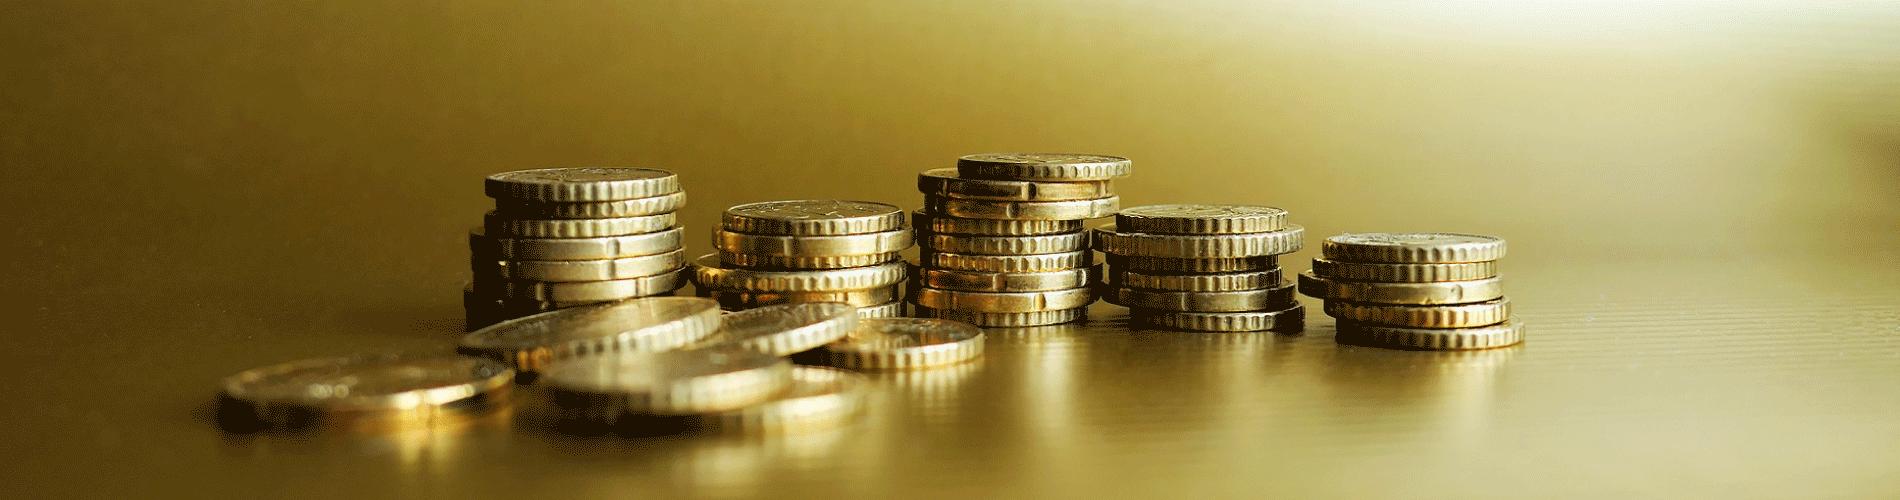 Steuerfreie Corona-Sonderzahlung – Bund verlängert die Zahlungsfrist bis zum 31. März 2022